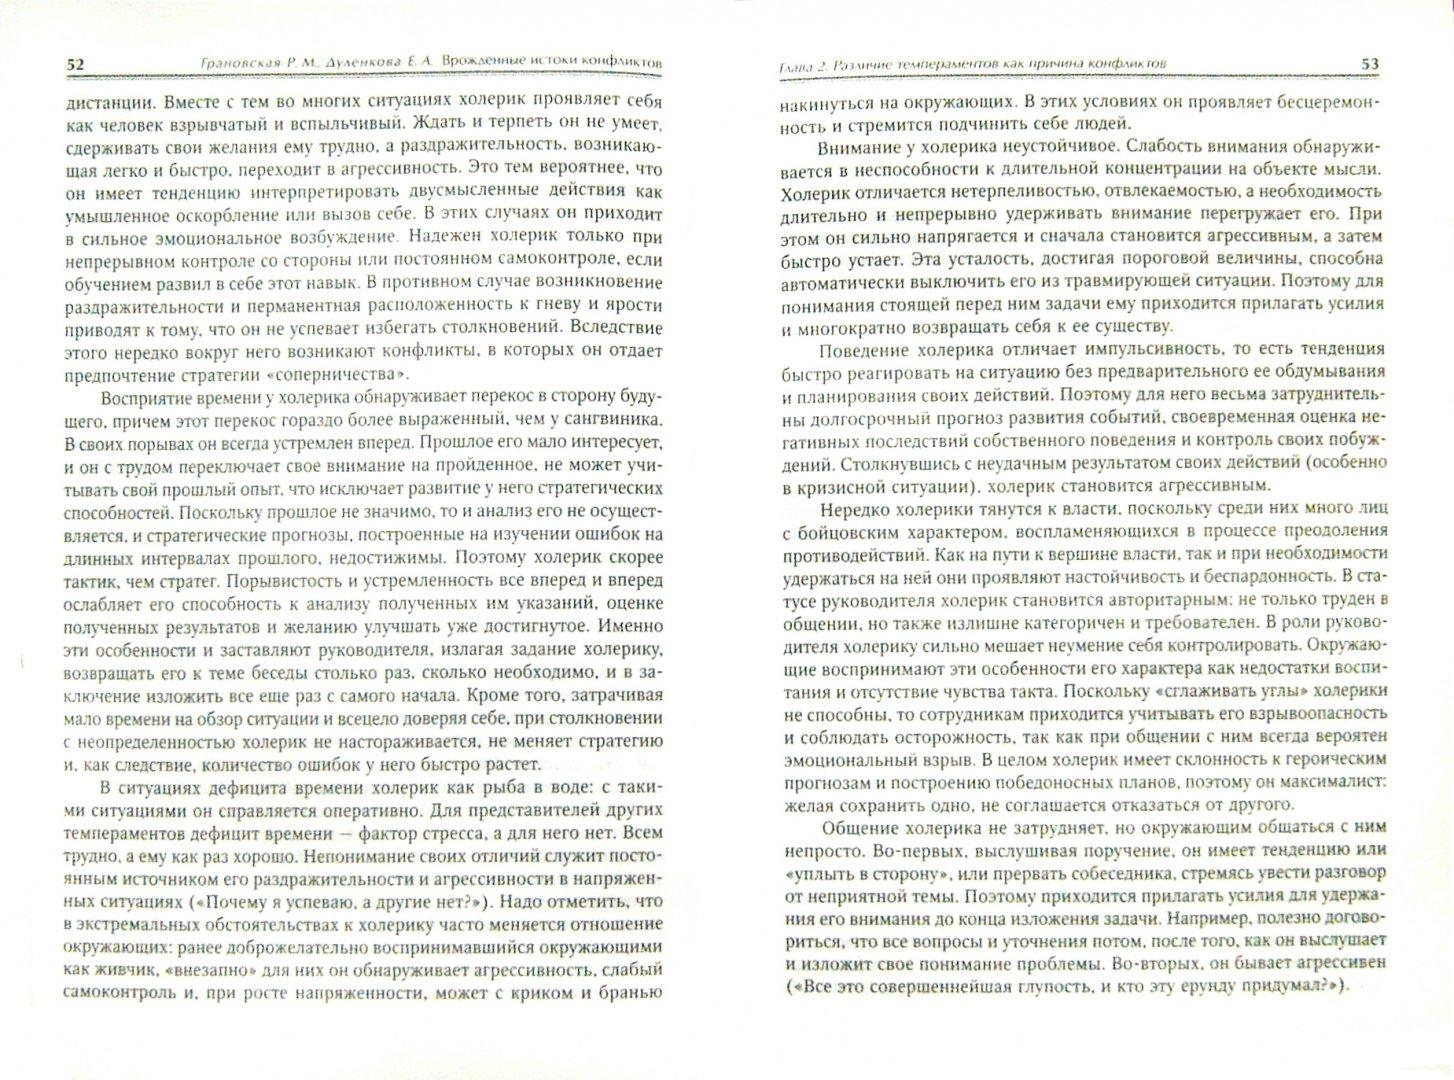 Иллюстрация 1 из 28 для Врожденные истоки конфликтов - Грановская, Дуленкова   Лабиринт - книги. Источник: Лабиринт